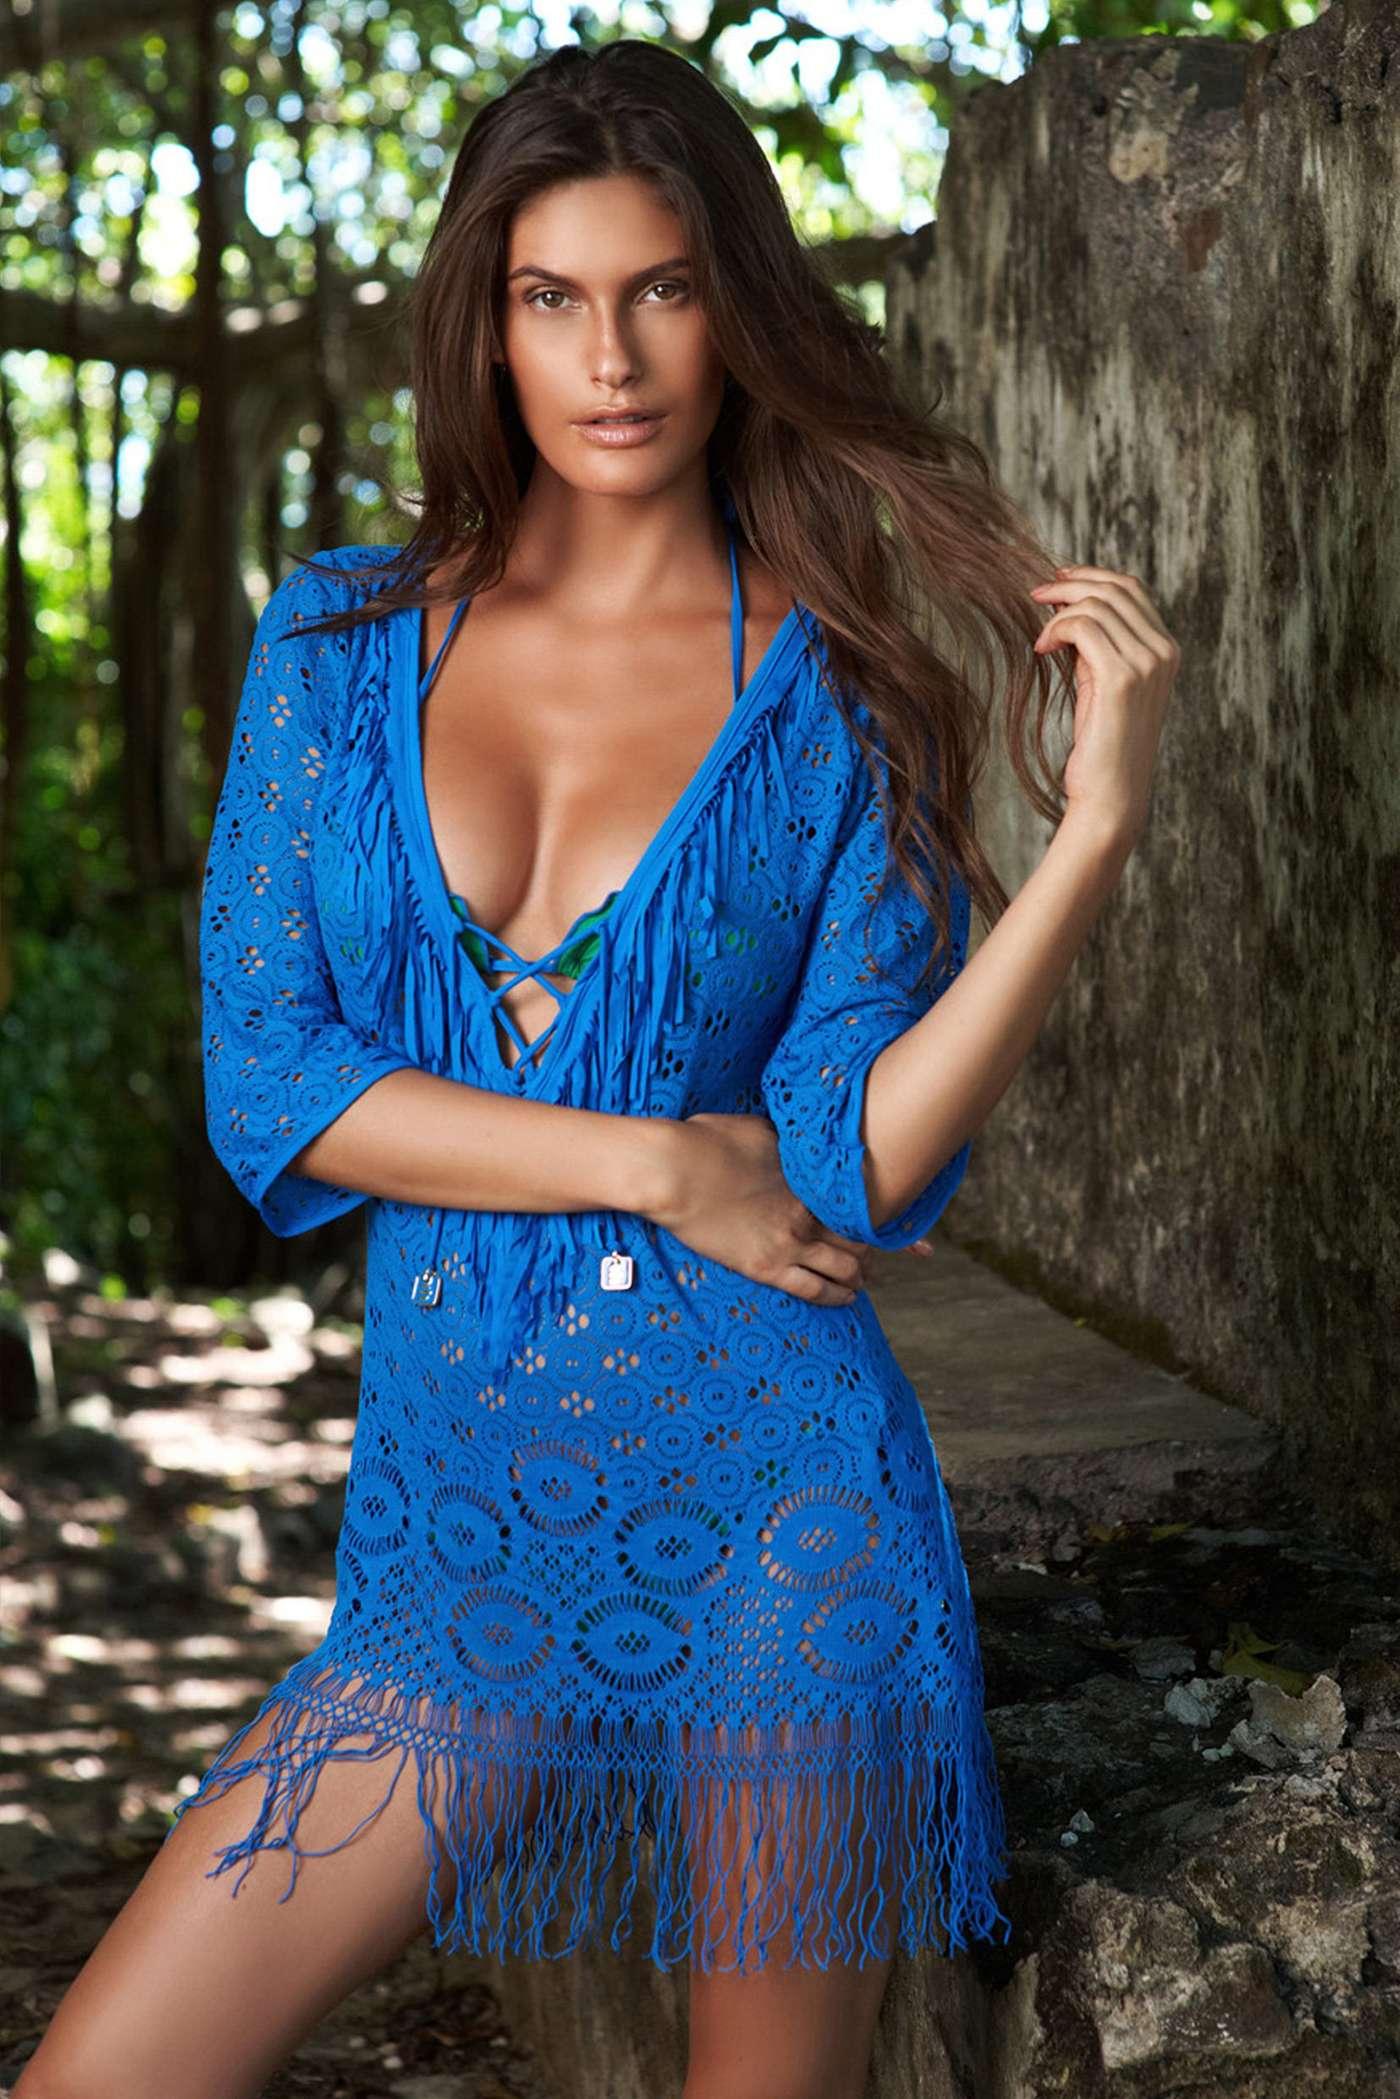 Caroline Francischini In Bikini 23 Gotceleb